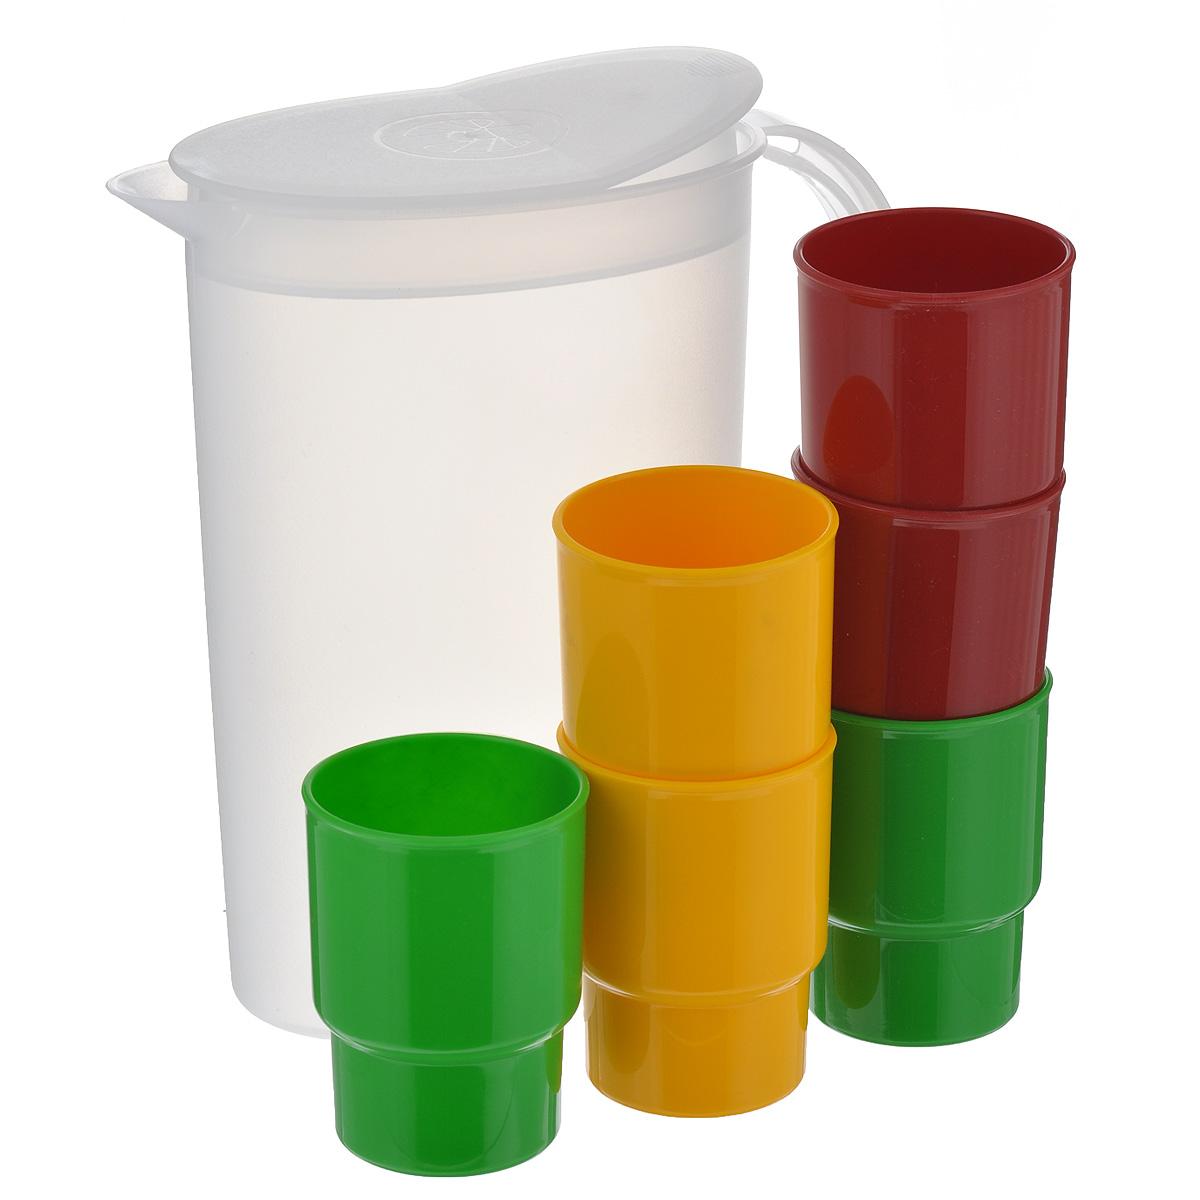 Набор посуды Solaris, 7 предметовS16036 толстостенных эргономичных стаканов Solaris из качественного полипропилена, в кувшине с полупрозрачными стенками. Кувшин снабжен съемной крышкой-клапаном. Крышка кувшина имеет 2 рабочих положения: открыто/закрыто. Сведения о посуде: Посуда из ударопрочного пищевого полипропилена предназначена для многократного использования. Легкая, прочная и износостойкая, экологически чистая, эта посуда работает в диапазоне температур от -25°С до +110°С. Можно мыть в посудомоечной машине. Эта посуда также обеспечивает: Хранение горячих и холодных пищевых продуктов; Разогрев продуктов в микроволновой печи; Приготовление пищи в микроволновой печи на пару (пароварка); Хранение продуктов в холодильной и морозильной камере; Кипячение воды с помощью электрокипятильника. В походном положении стаканы находятся внутри кувшина. Диаметр стаканов: 6,5 см. Высота стаканов: 9,5 см. Объем стаканов: 0,25 л. Высота кувшина:...